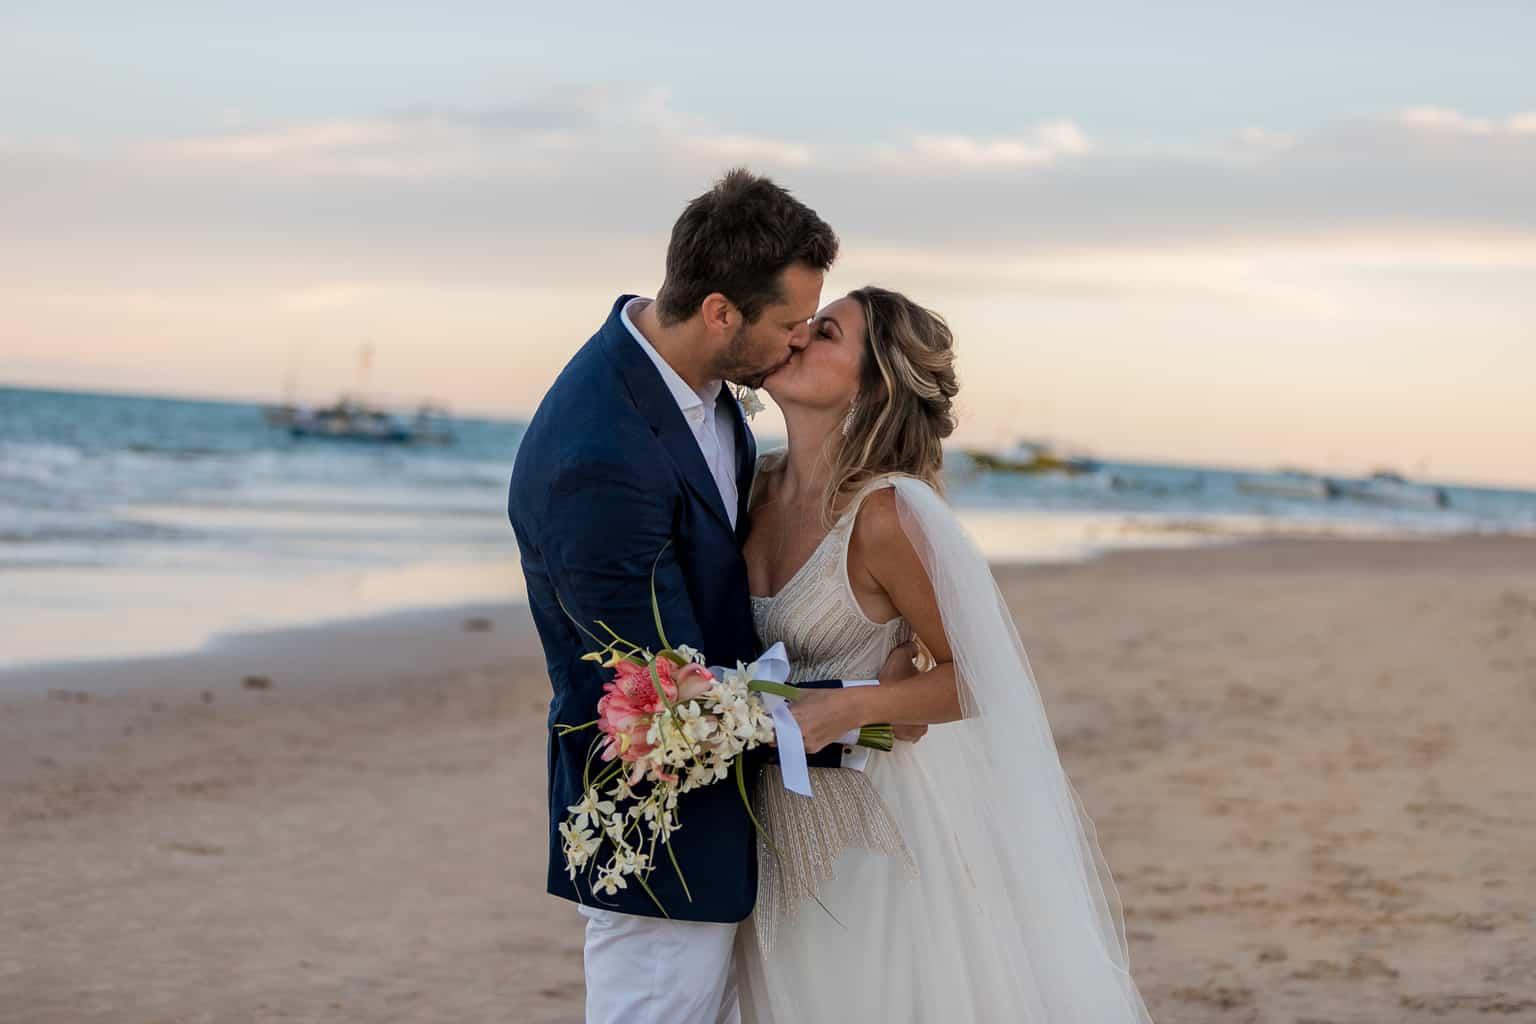 Casamento-Victoria-e-Christian-Fotografia-Tiago-Saldanha654_MG_1487